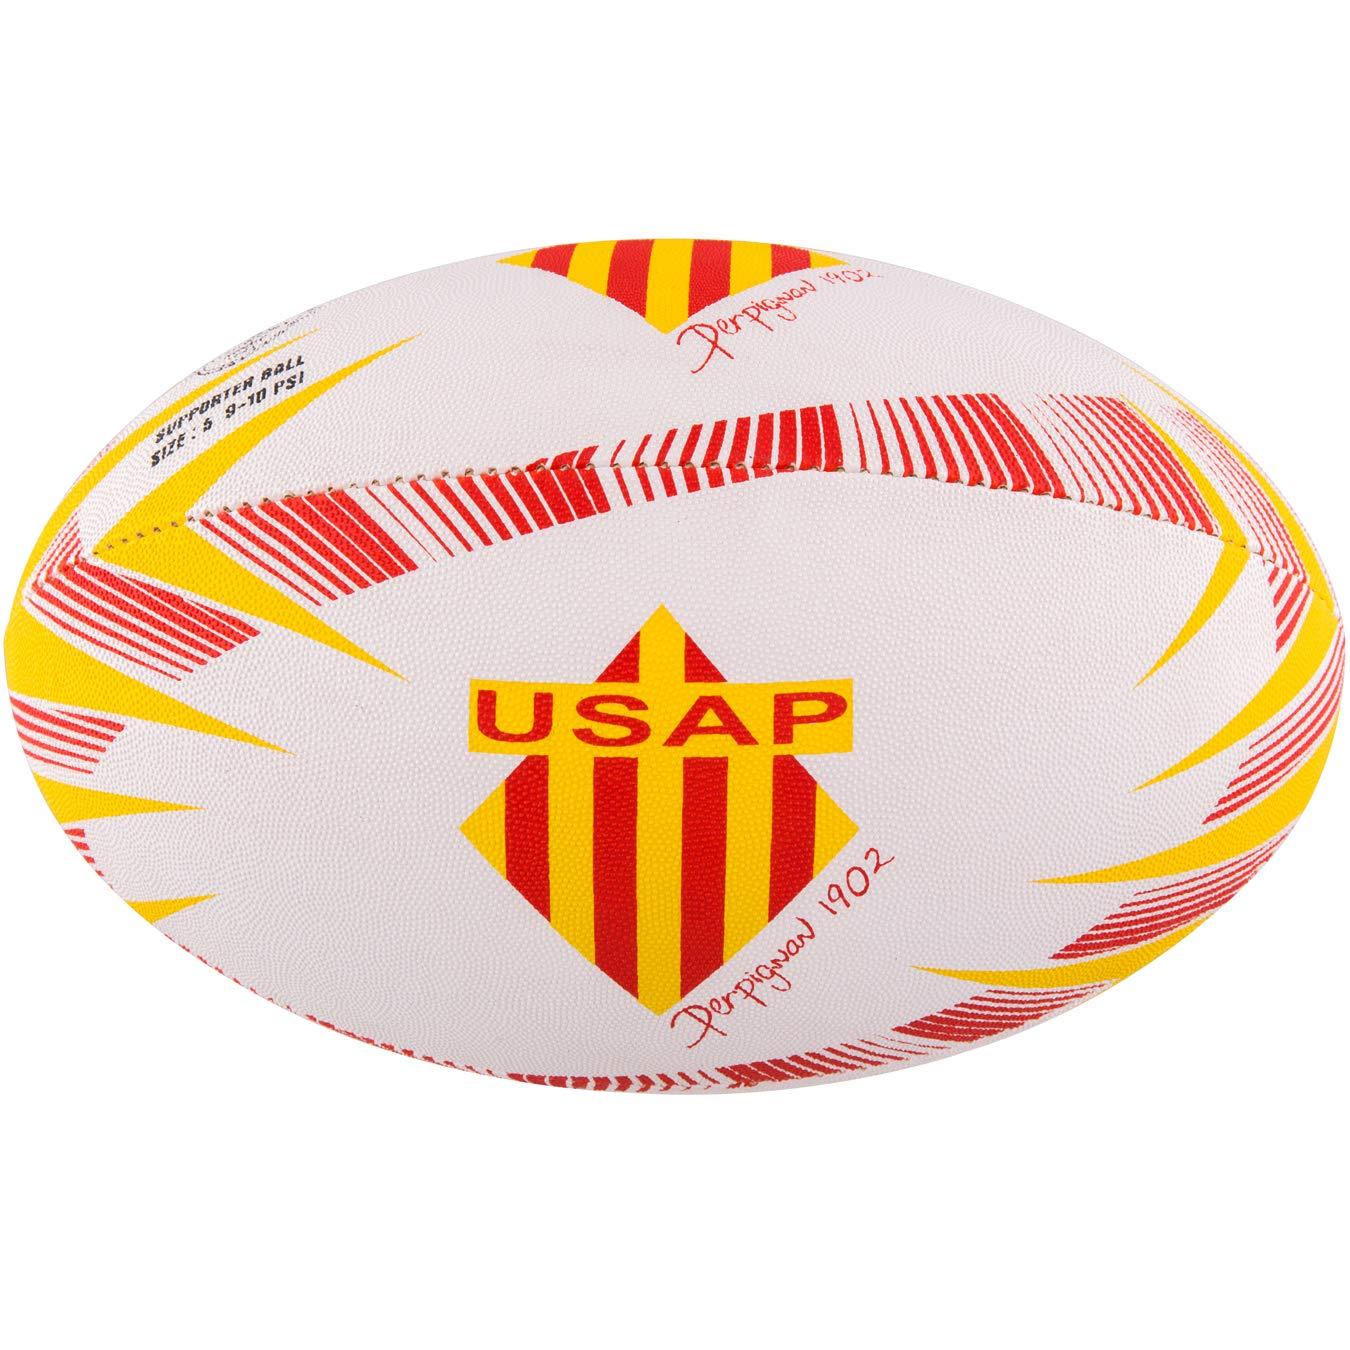 Gilbert Ballon rugby Perpignan- Supporter - T5 5024686283149